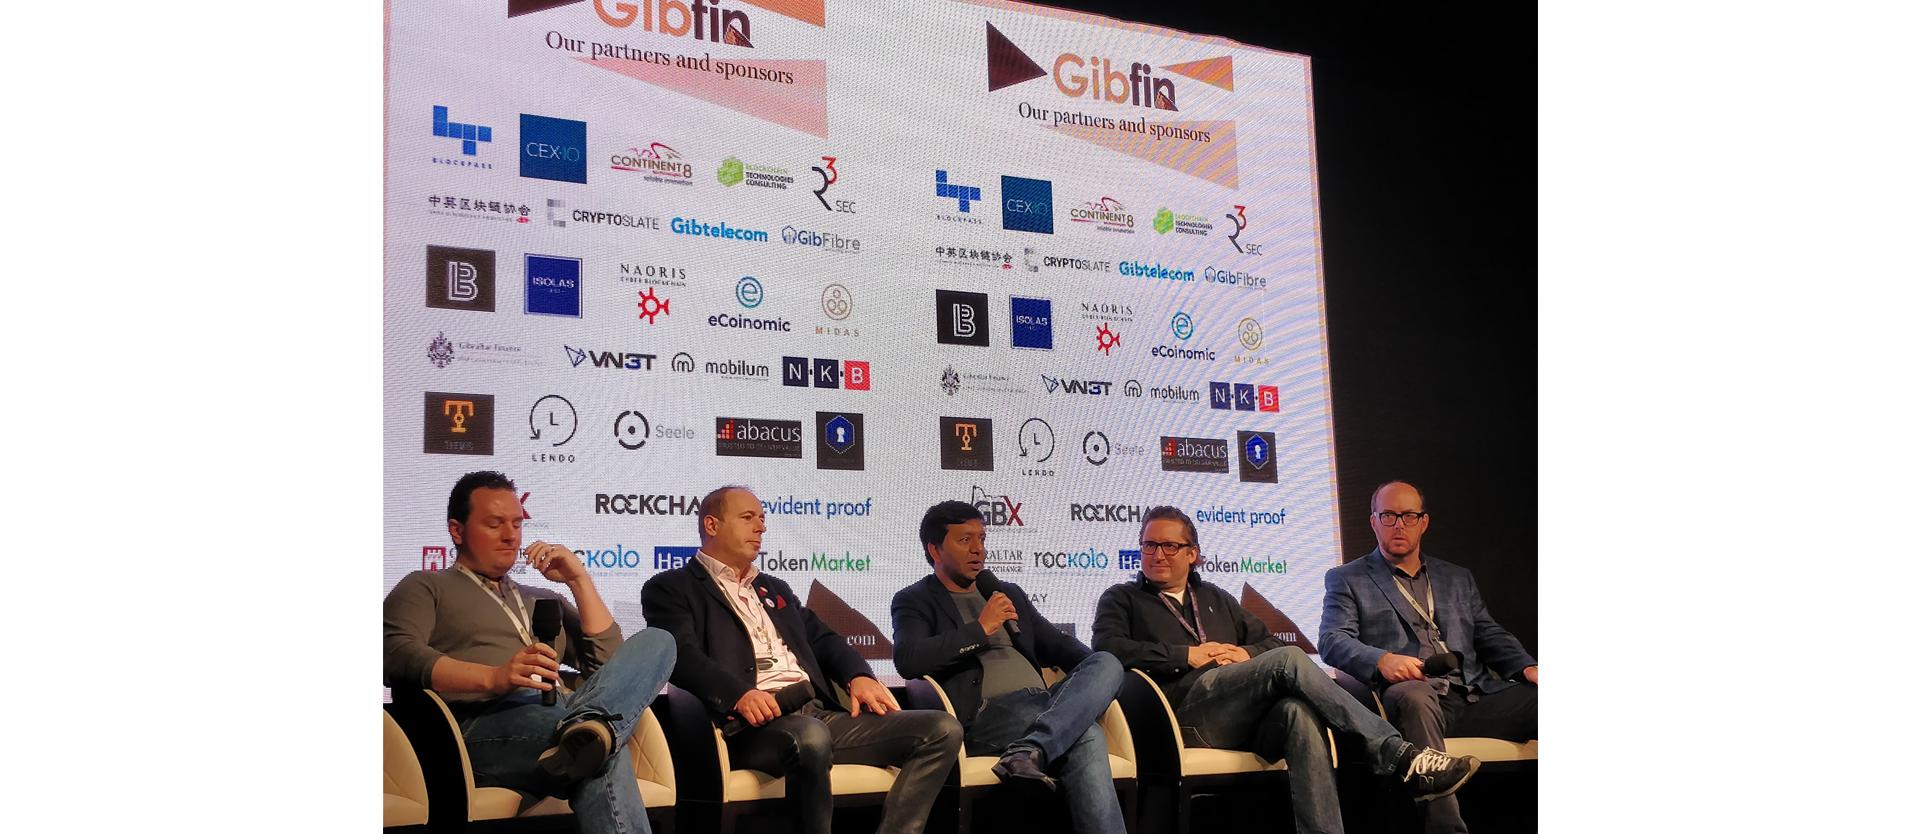 TokenMarket CEO Mr Ransu Salovaara Features as a Guest Speaker at The Gibraltar International FinTech Forum 2018